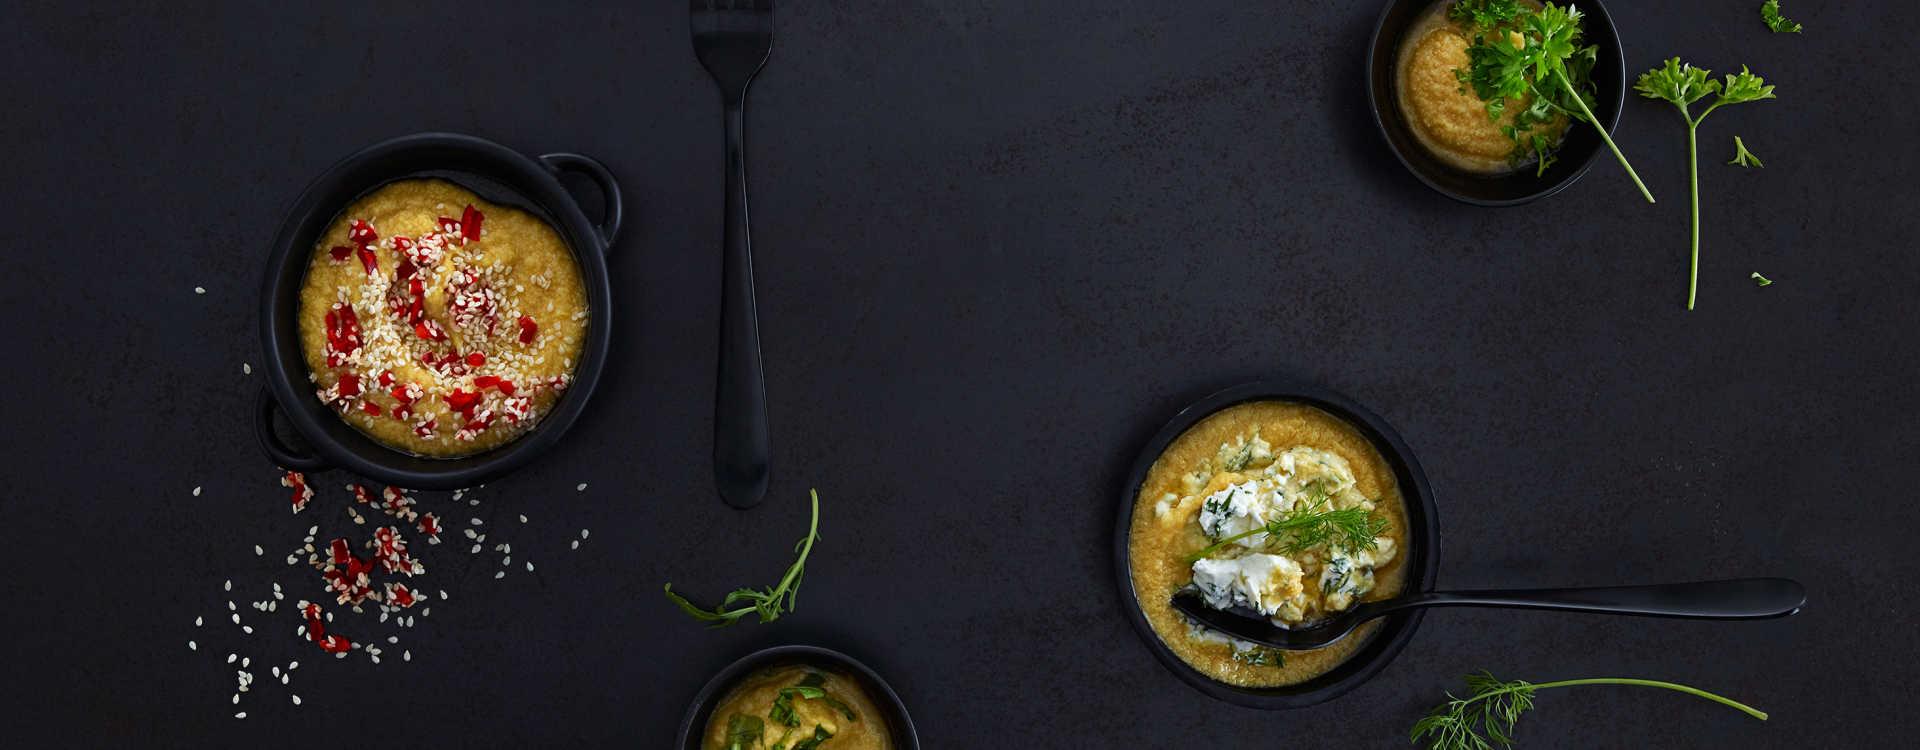 Hummus med sesamfrø og chili